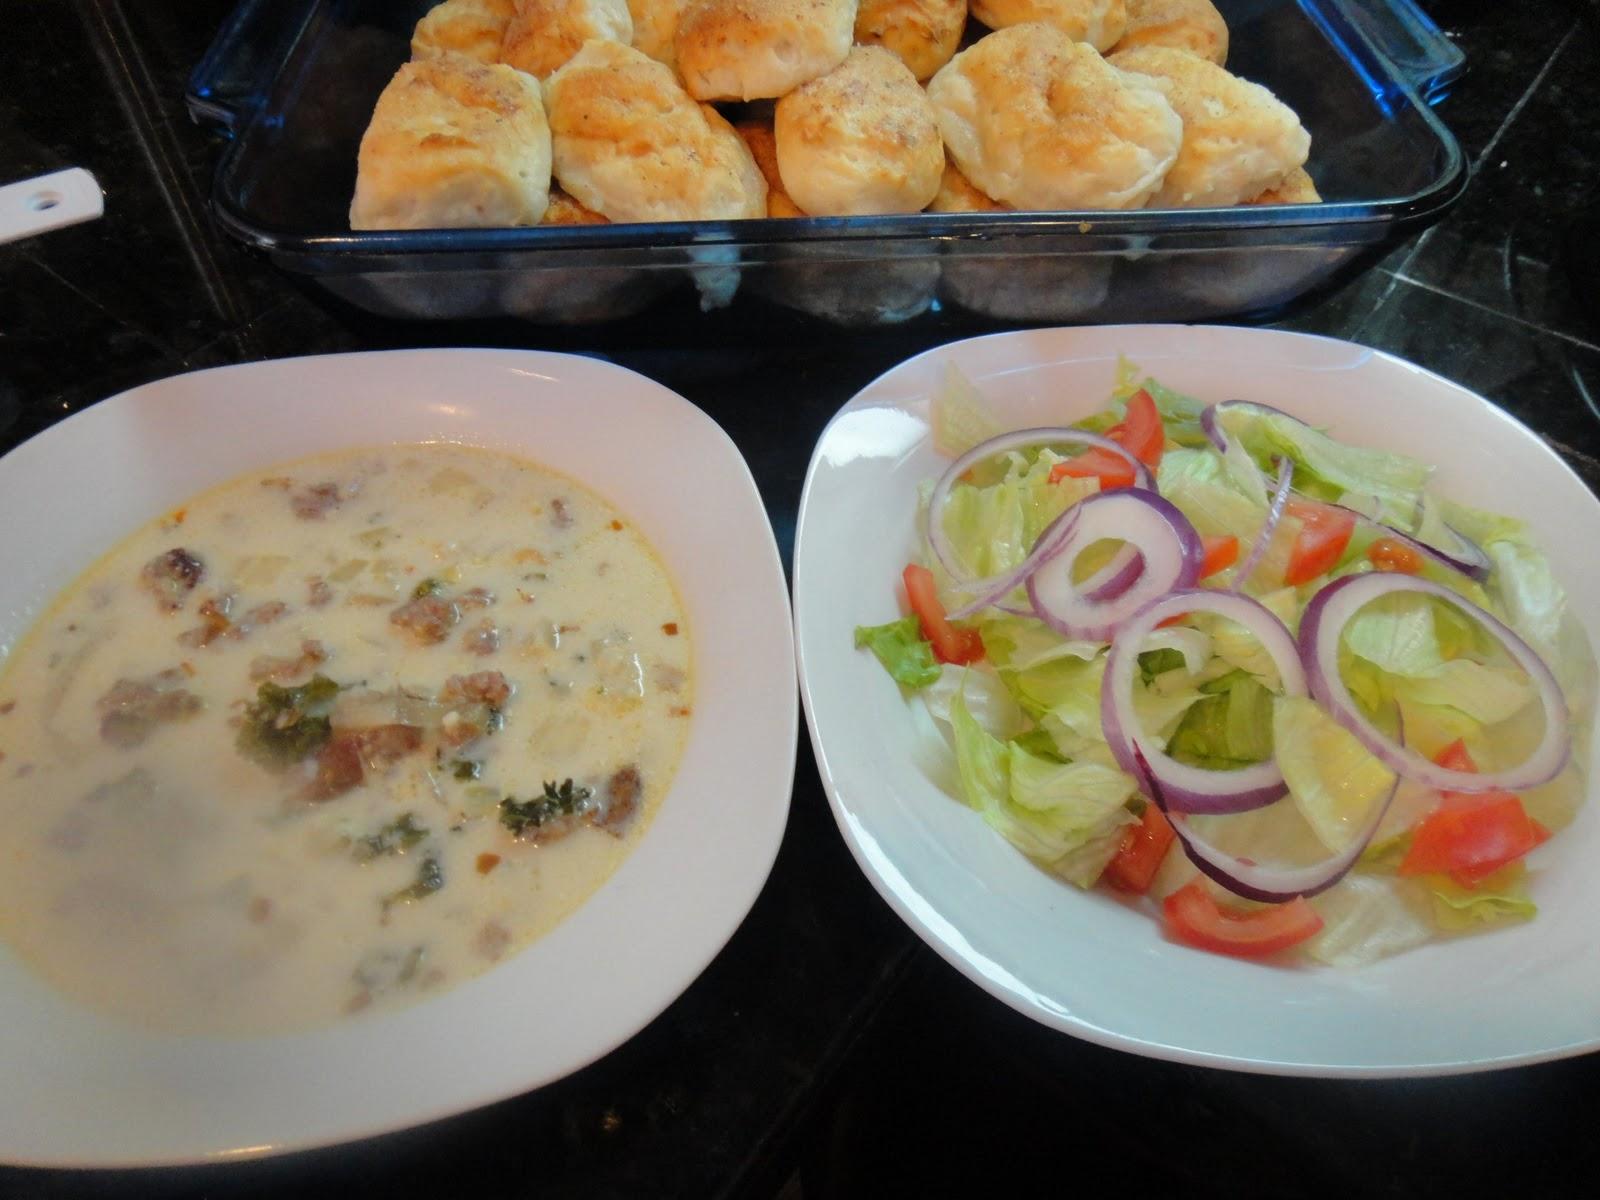 Gluten free breadsticks olive garden Sample weight gain meal plan